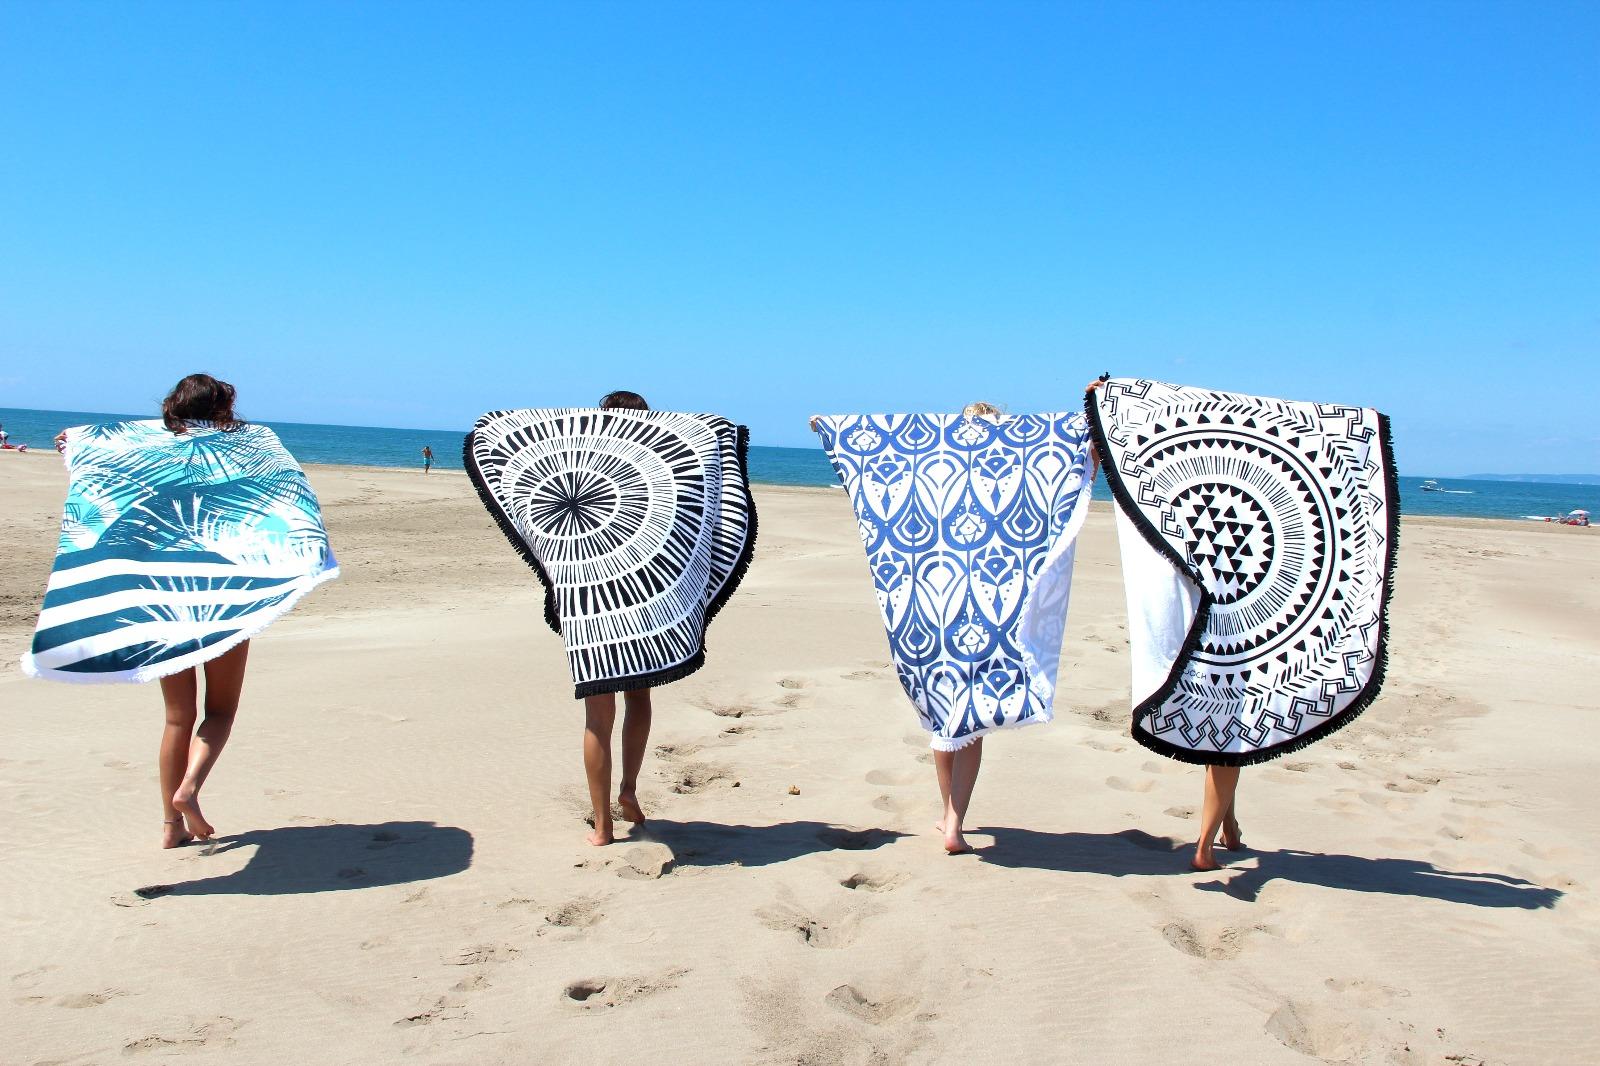 joch serviettes de plage rondes pour beach lovers. Black Bedroom Furniture Sets. Home Design Ideas